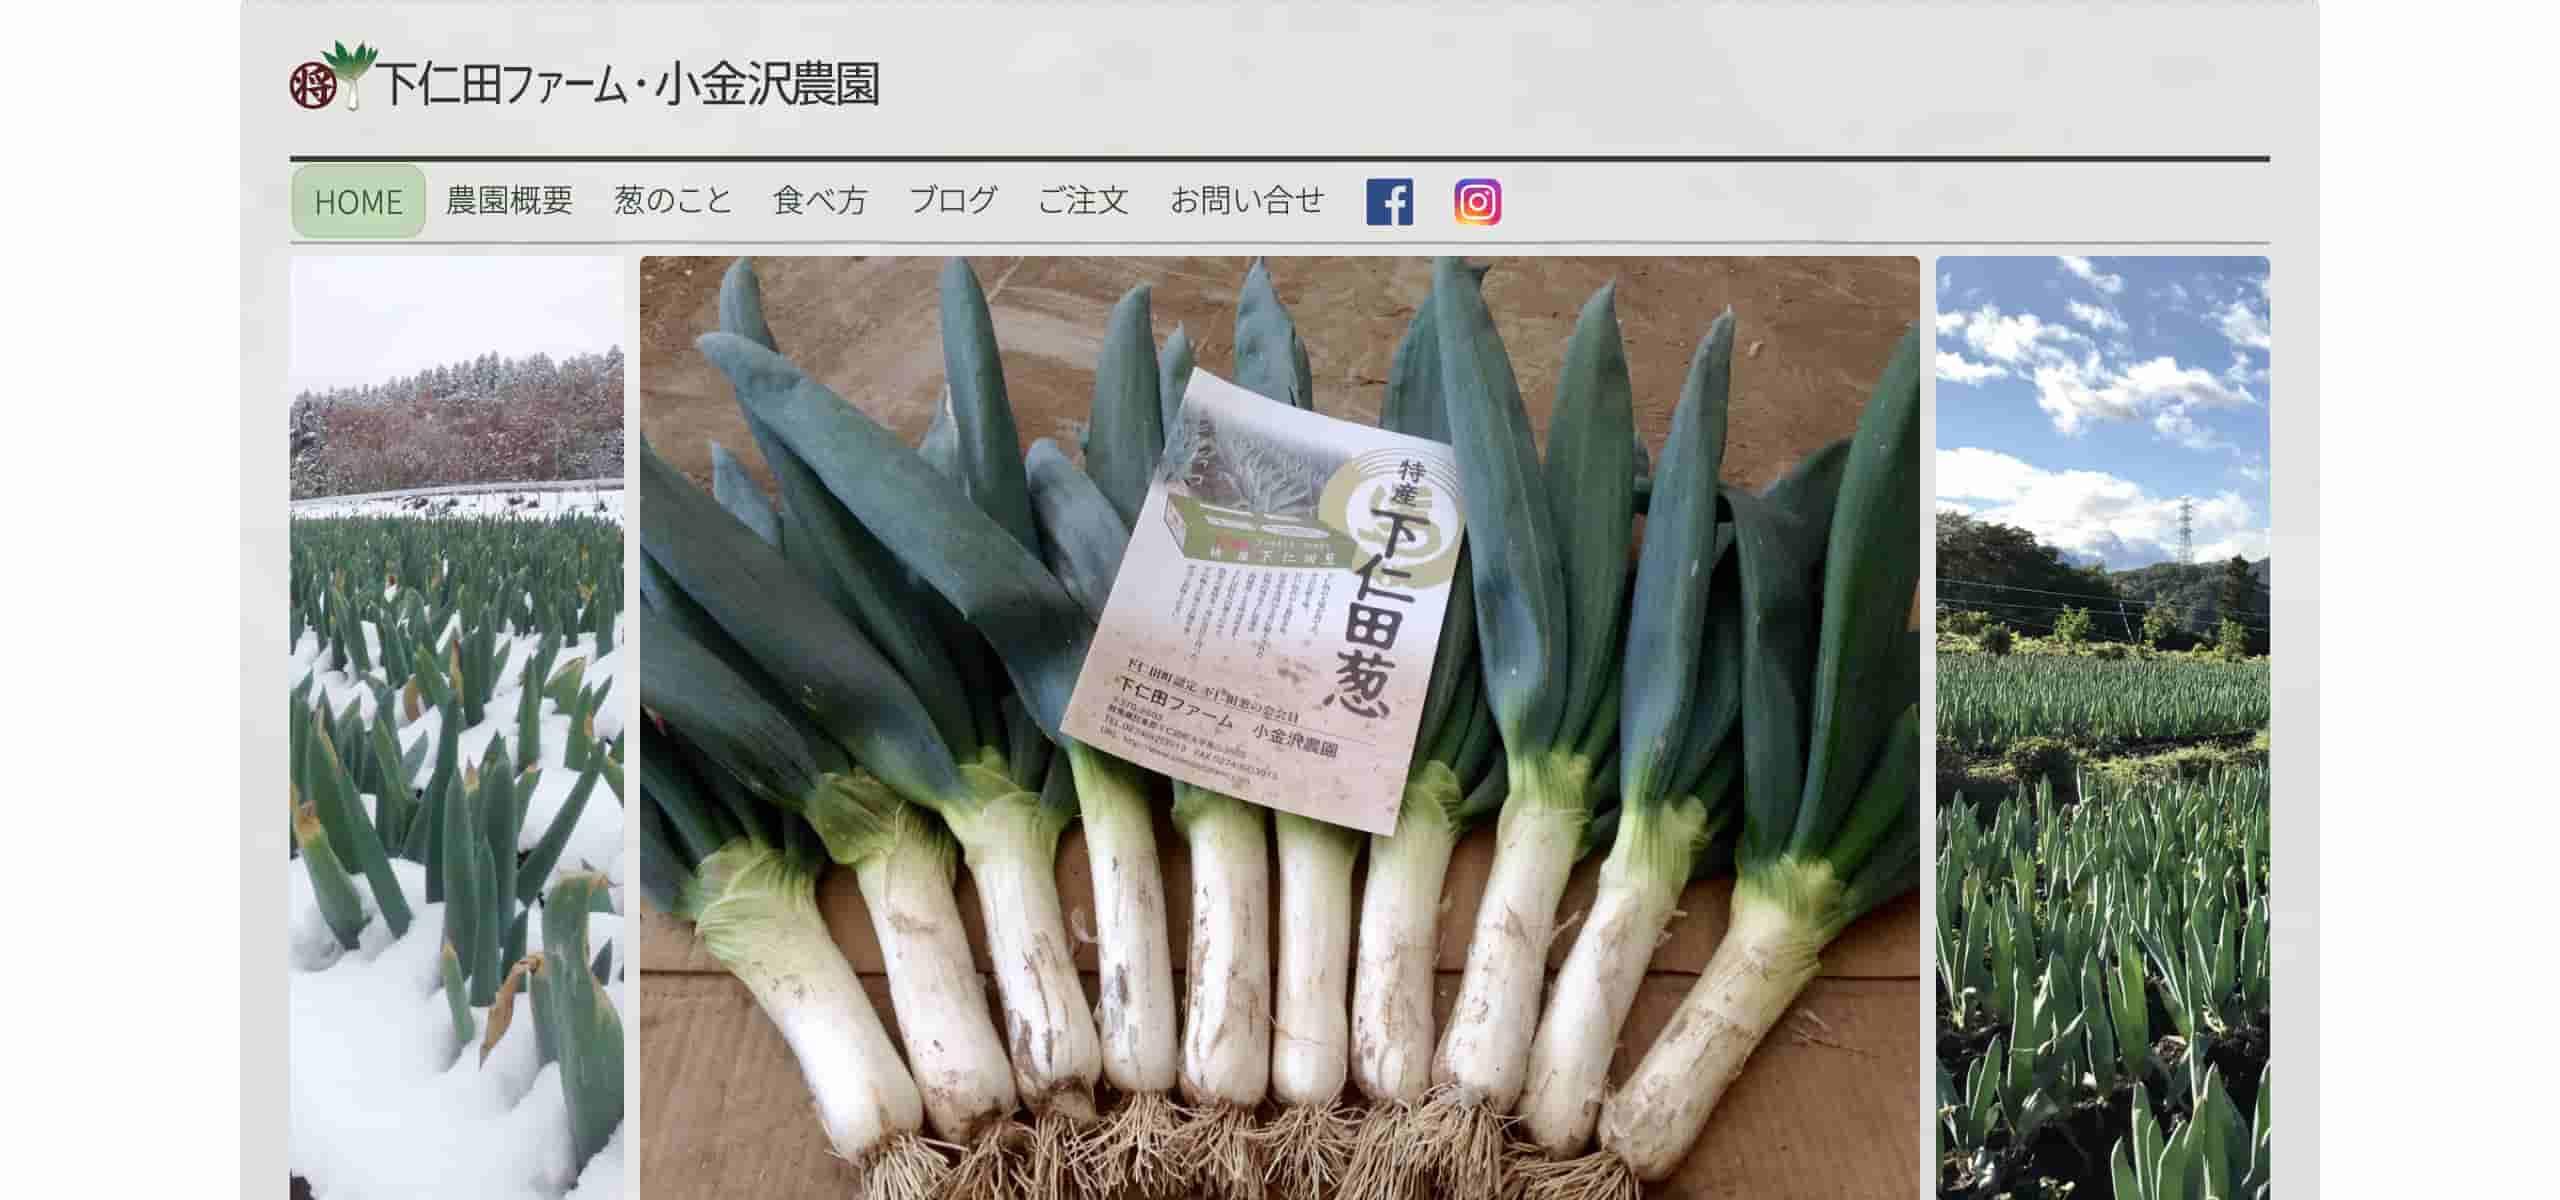 下仁田ファーム・小金沢農園